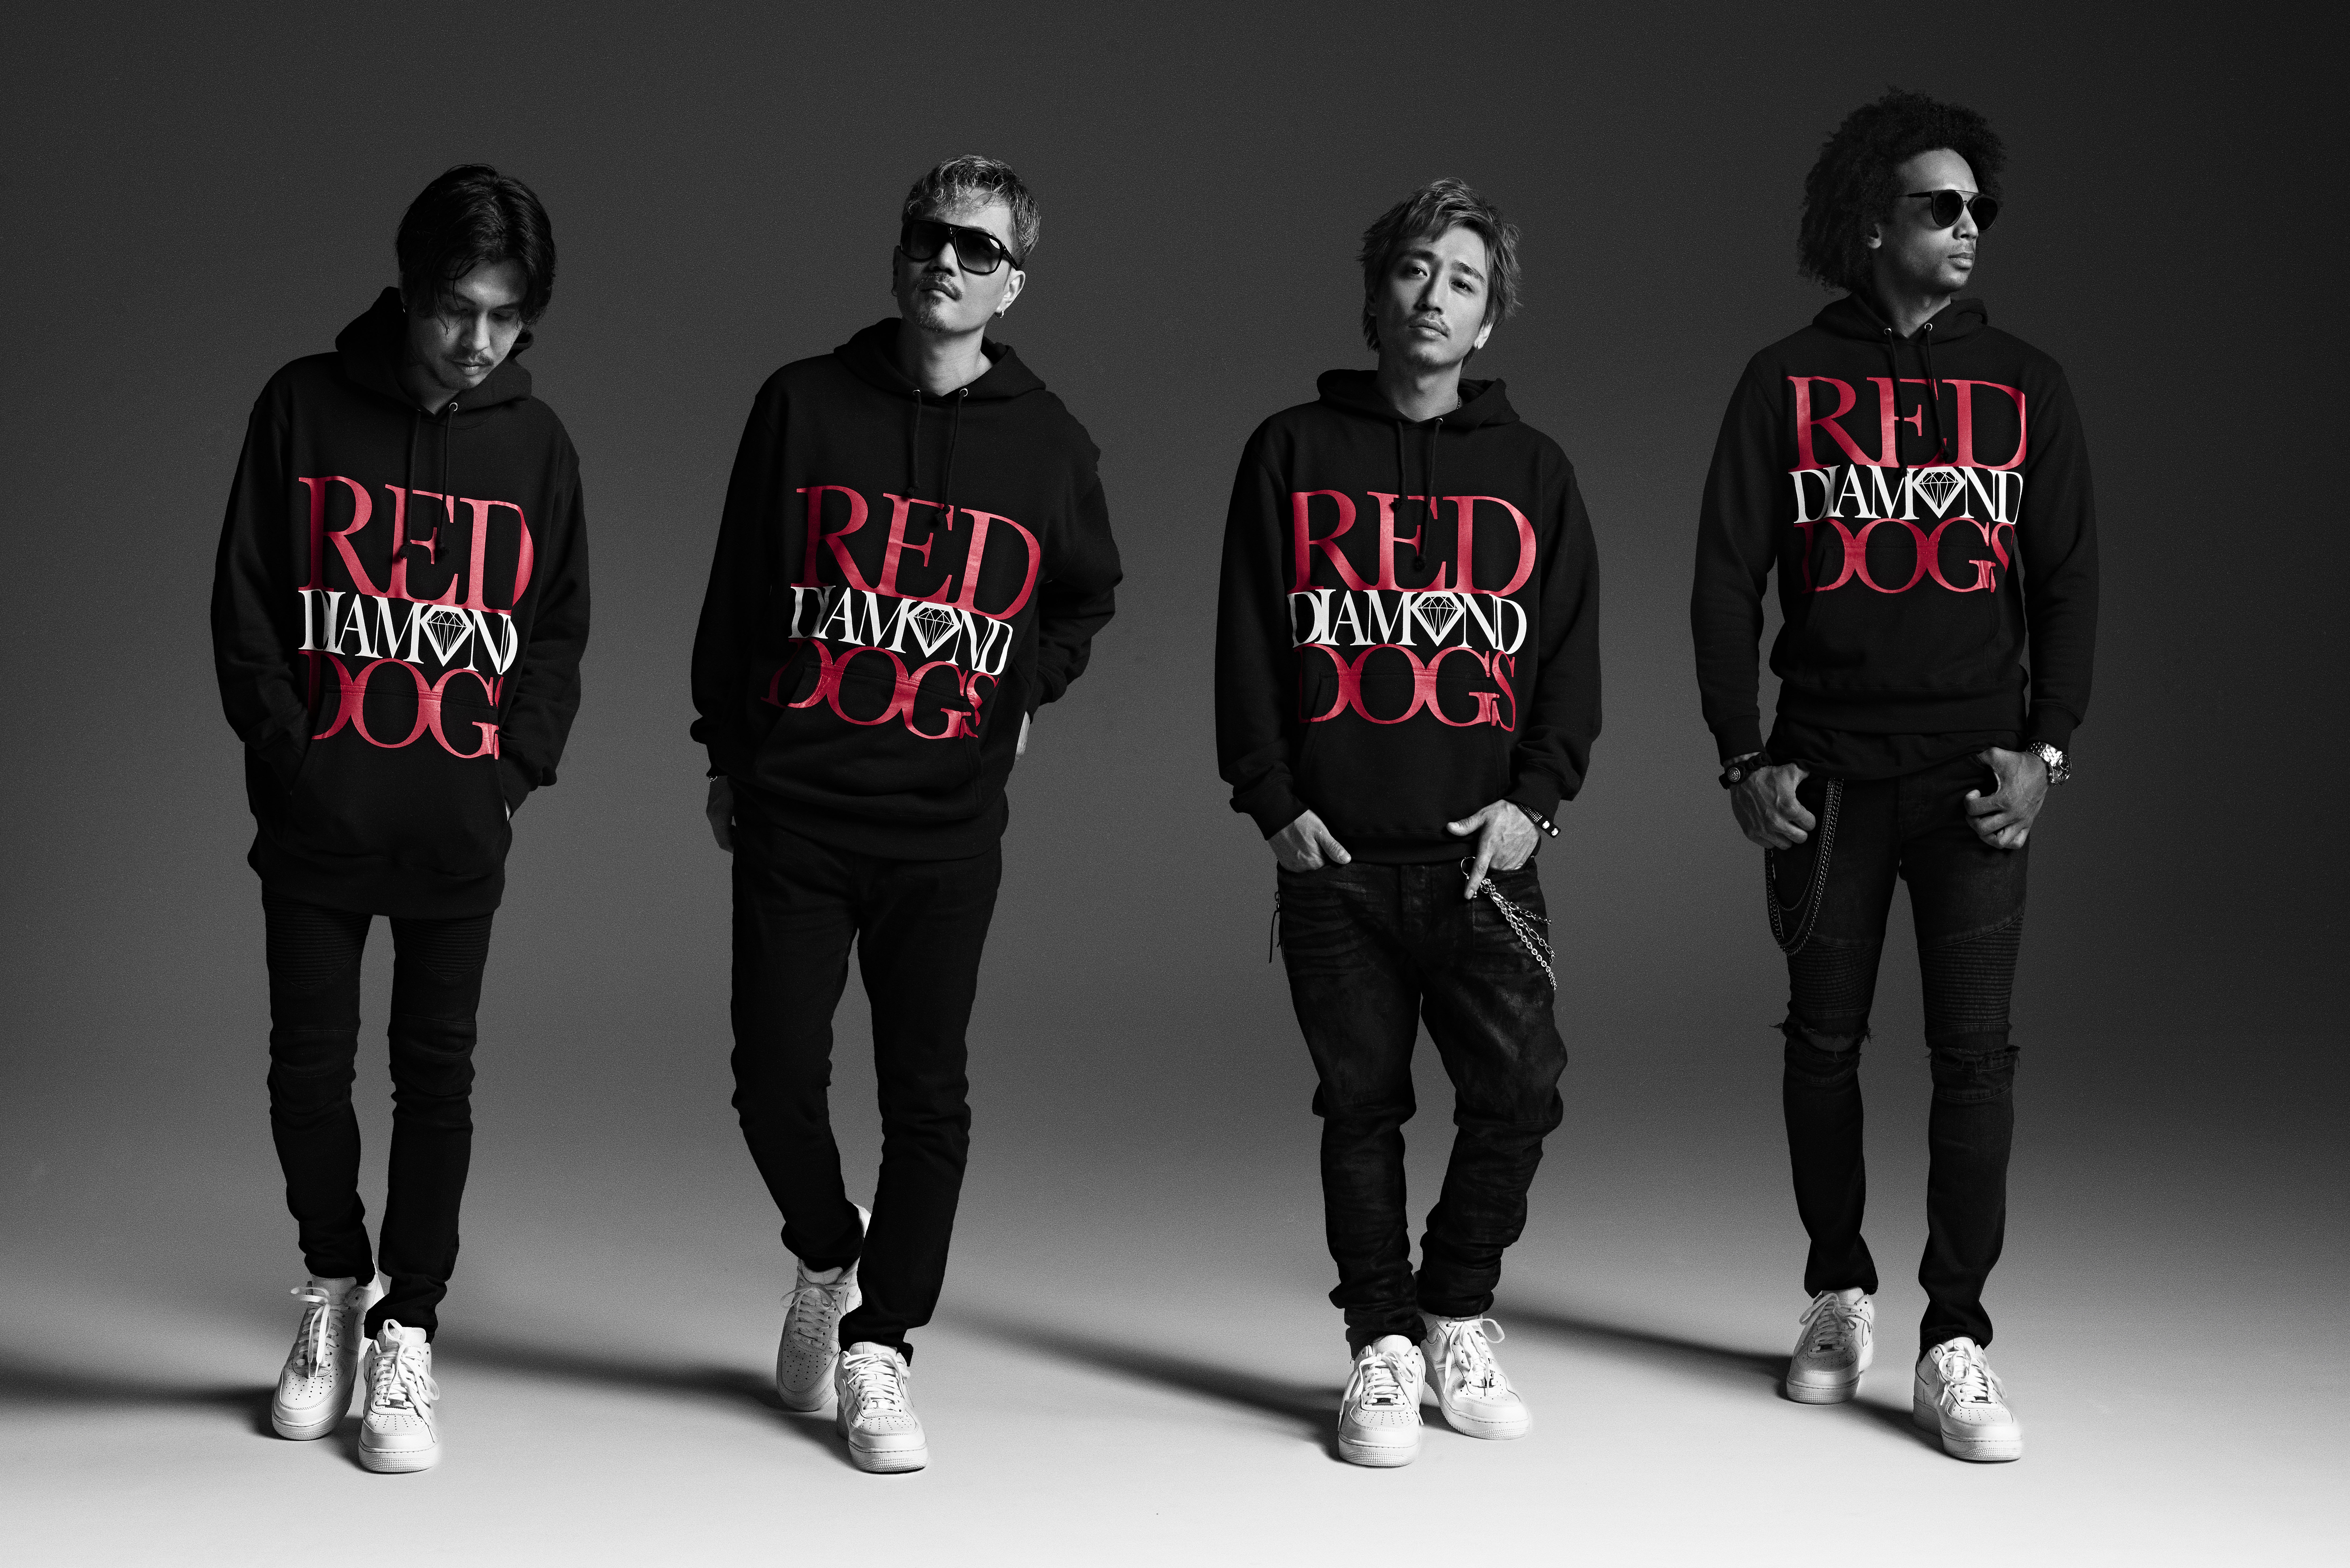 ATSUSHIから松坂選手への応援歌「RED SOUL BLUE DRAGON」ミュージックビデオ解禁